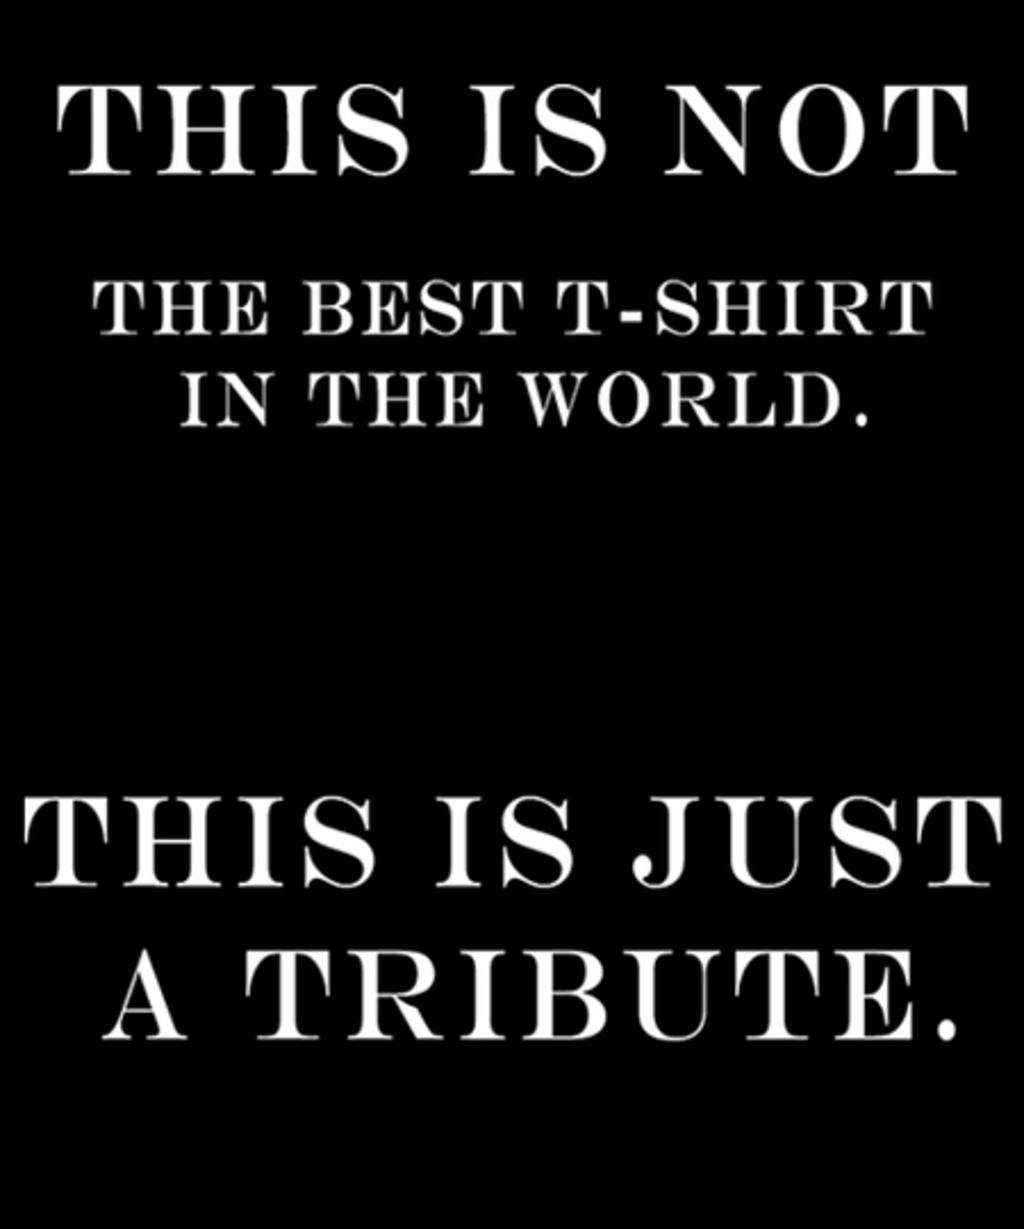 Qwertee: Best T-shirt tribute